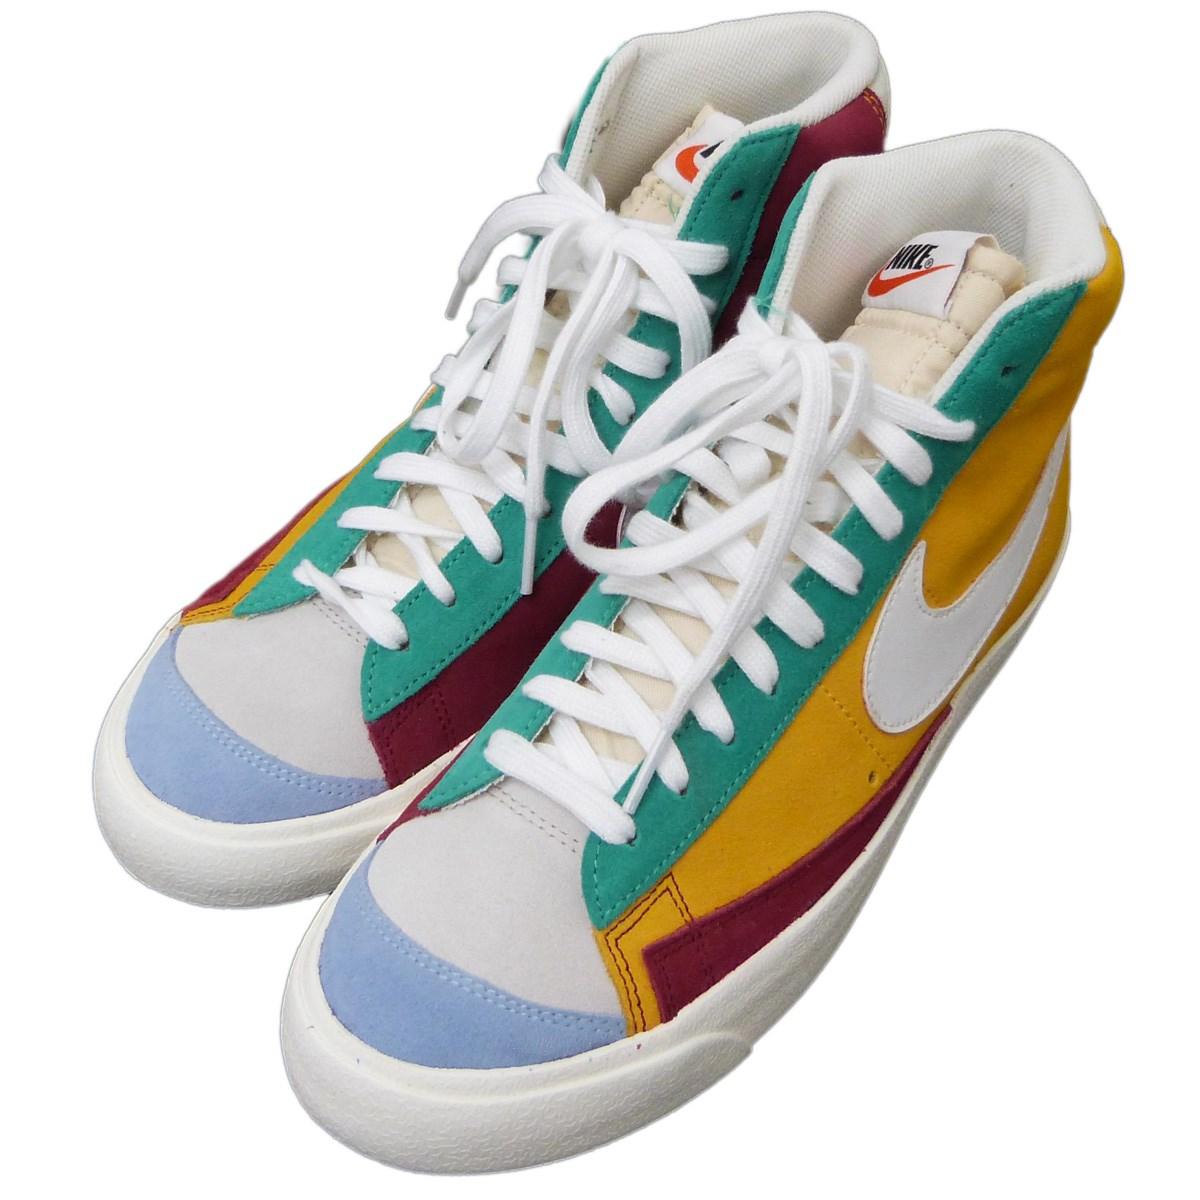 blazer mid '77 vintage we suede sneaker nike